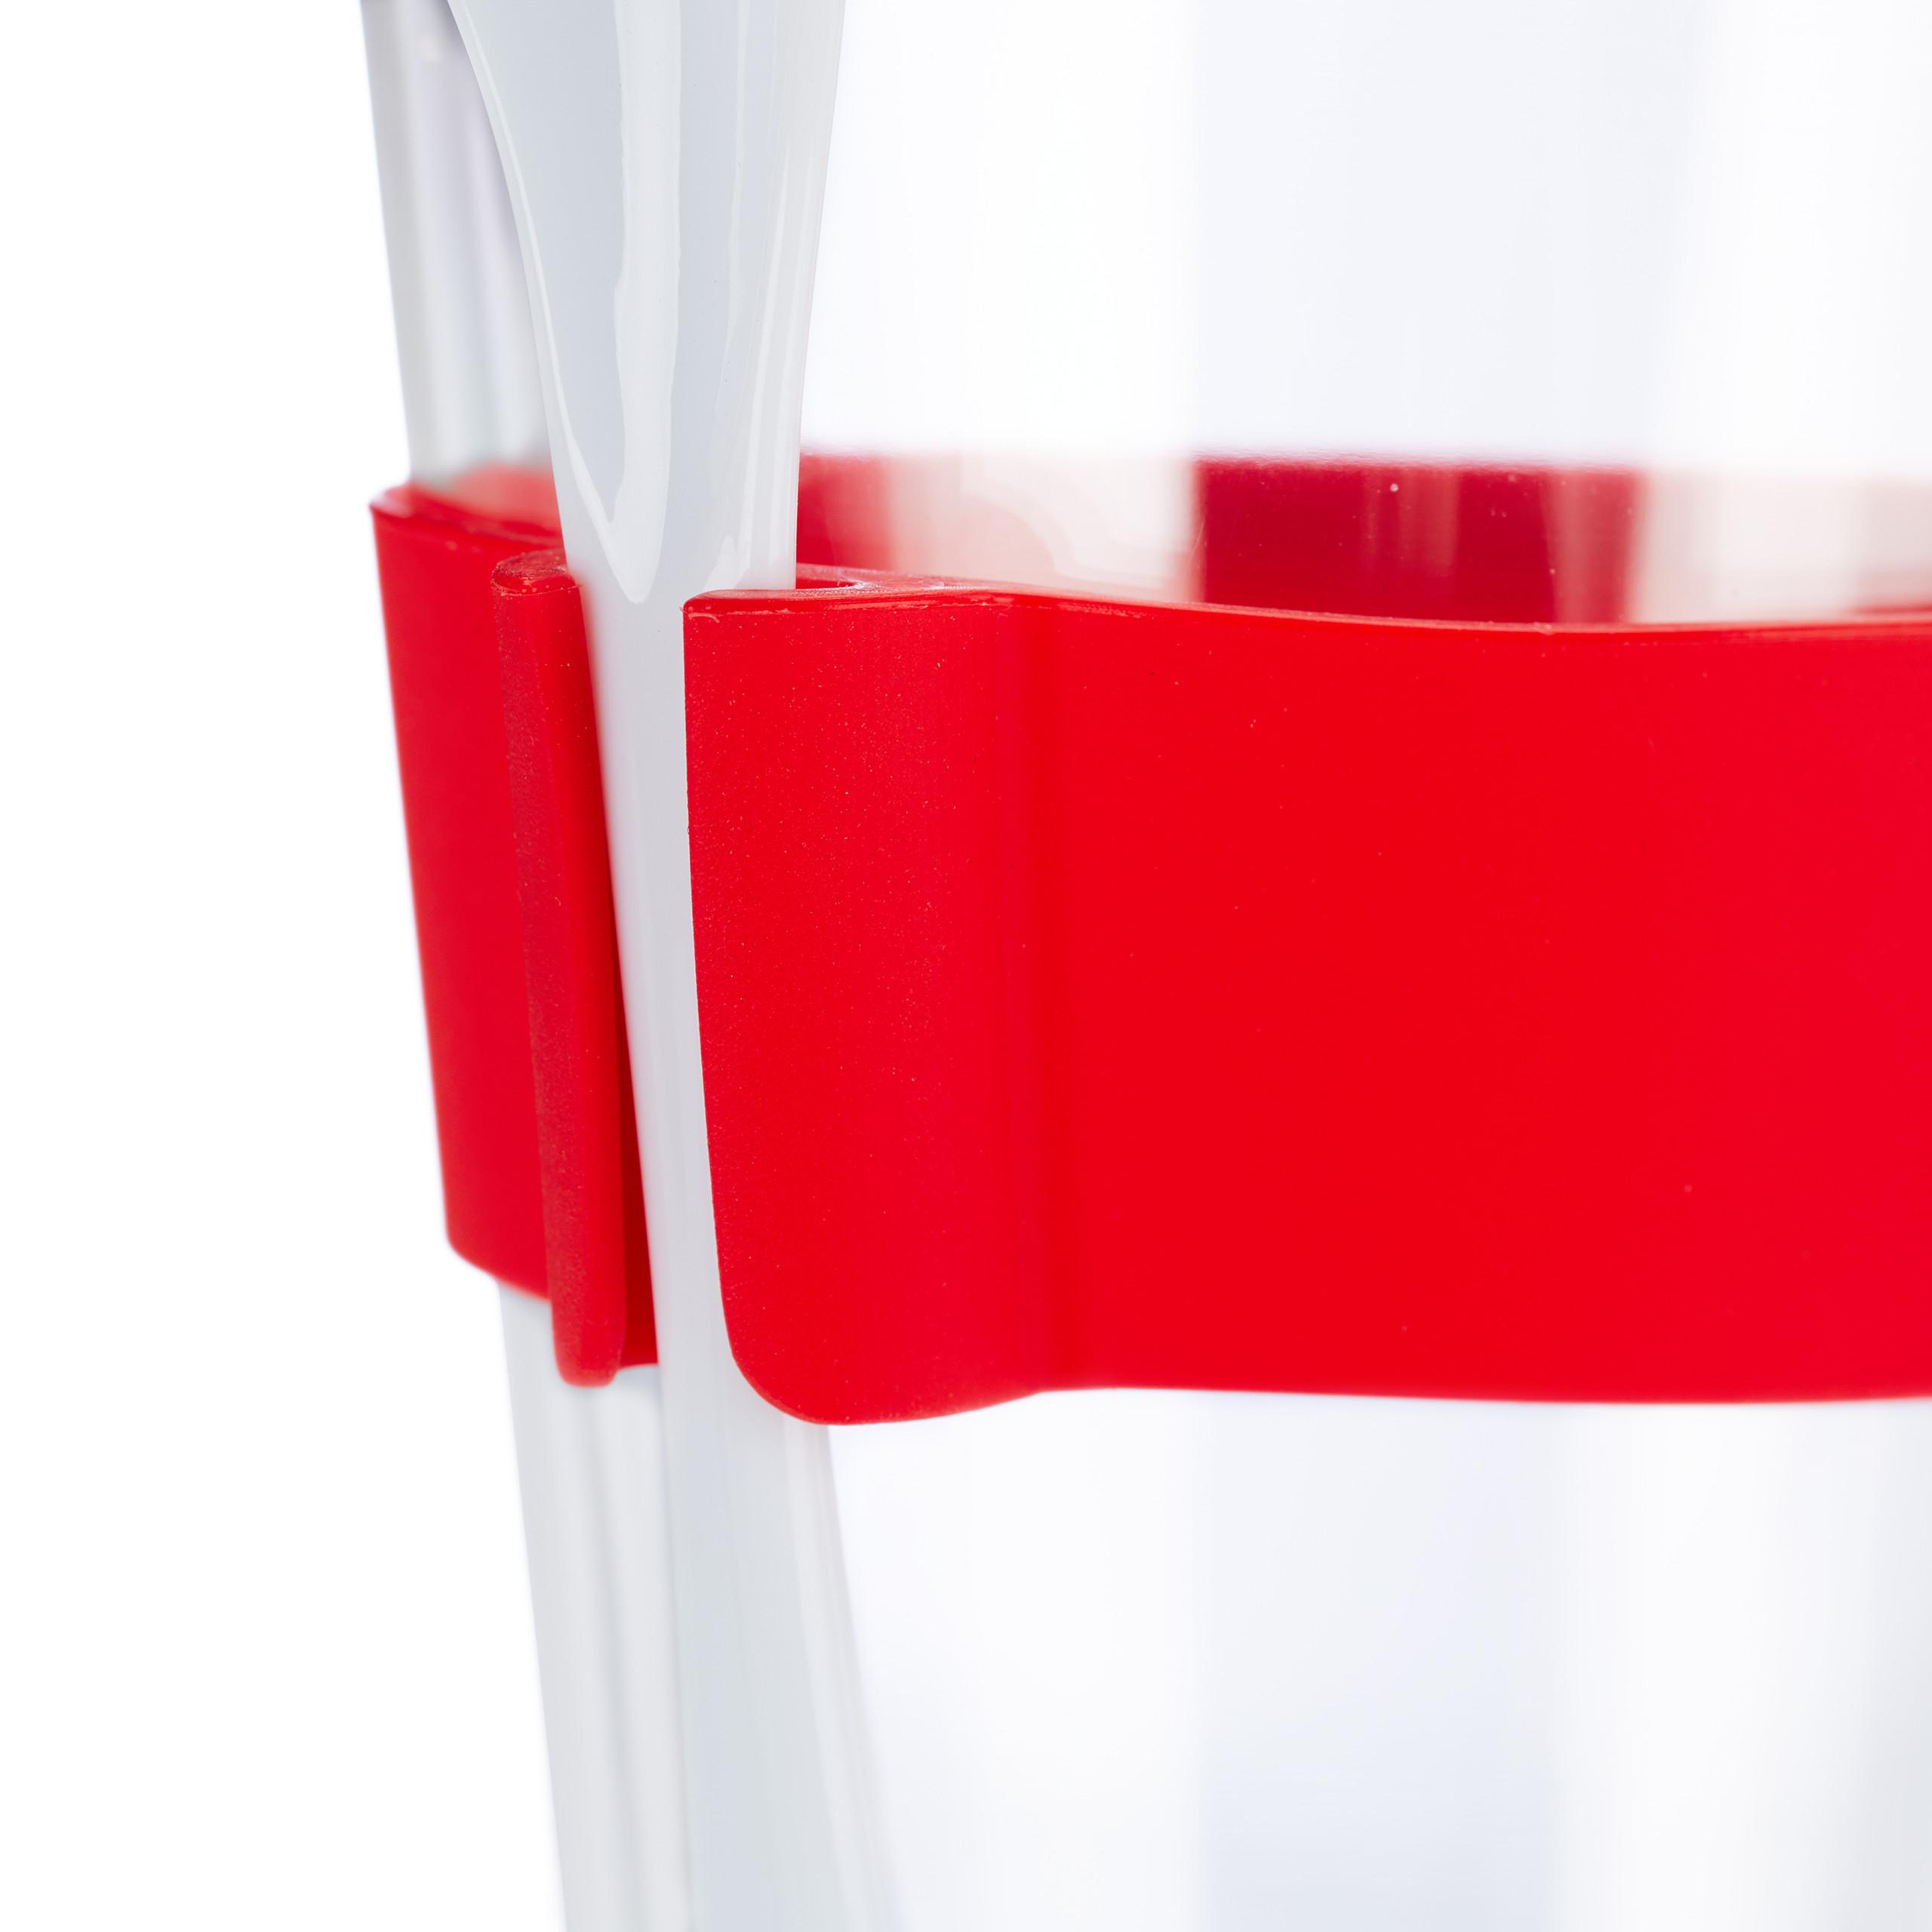 muesli-beker-to-go-yoghurtbeker-to-go-beker-met-lepel-set-van-2-bekers miniatuur 8